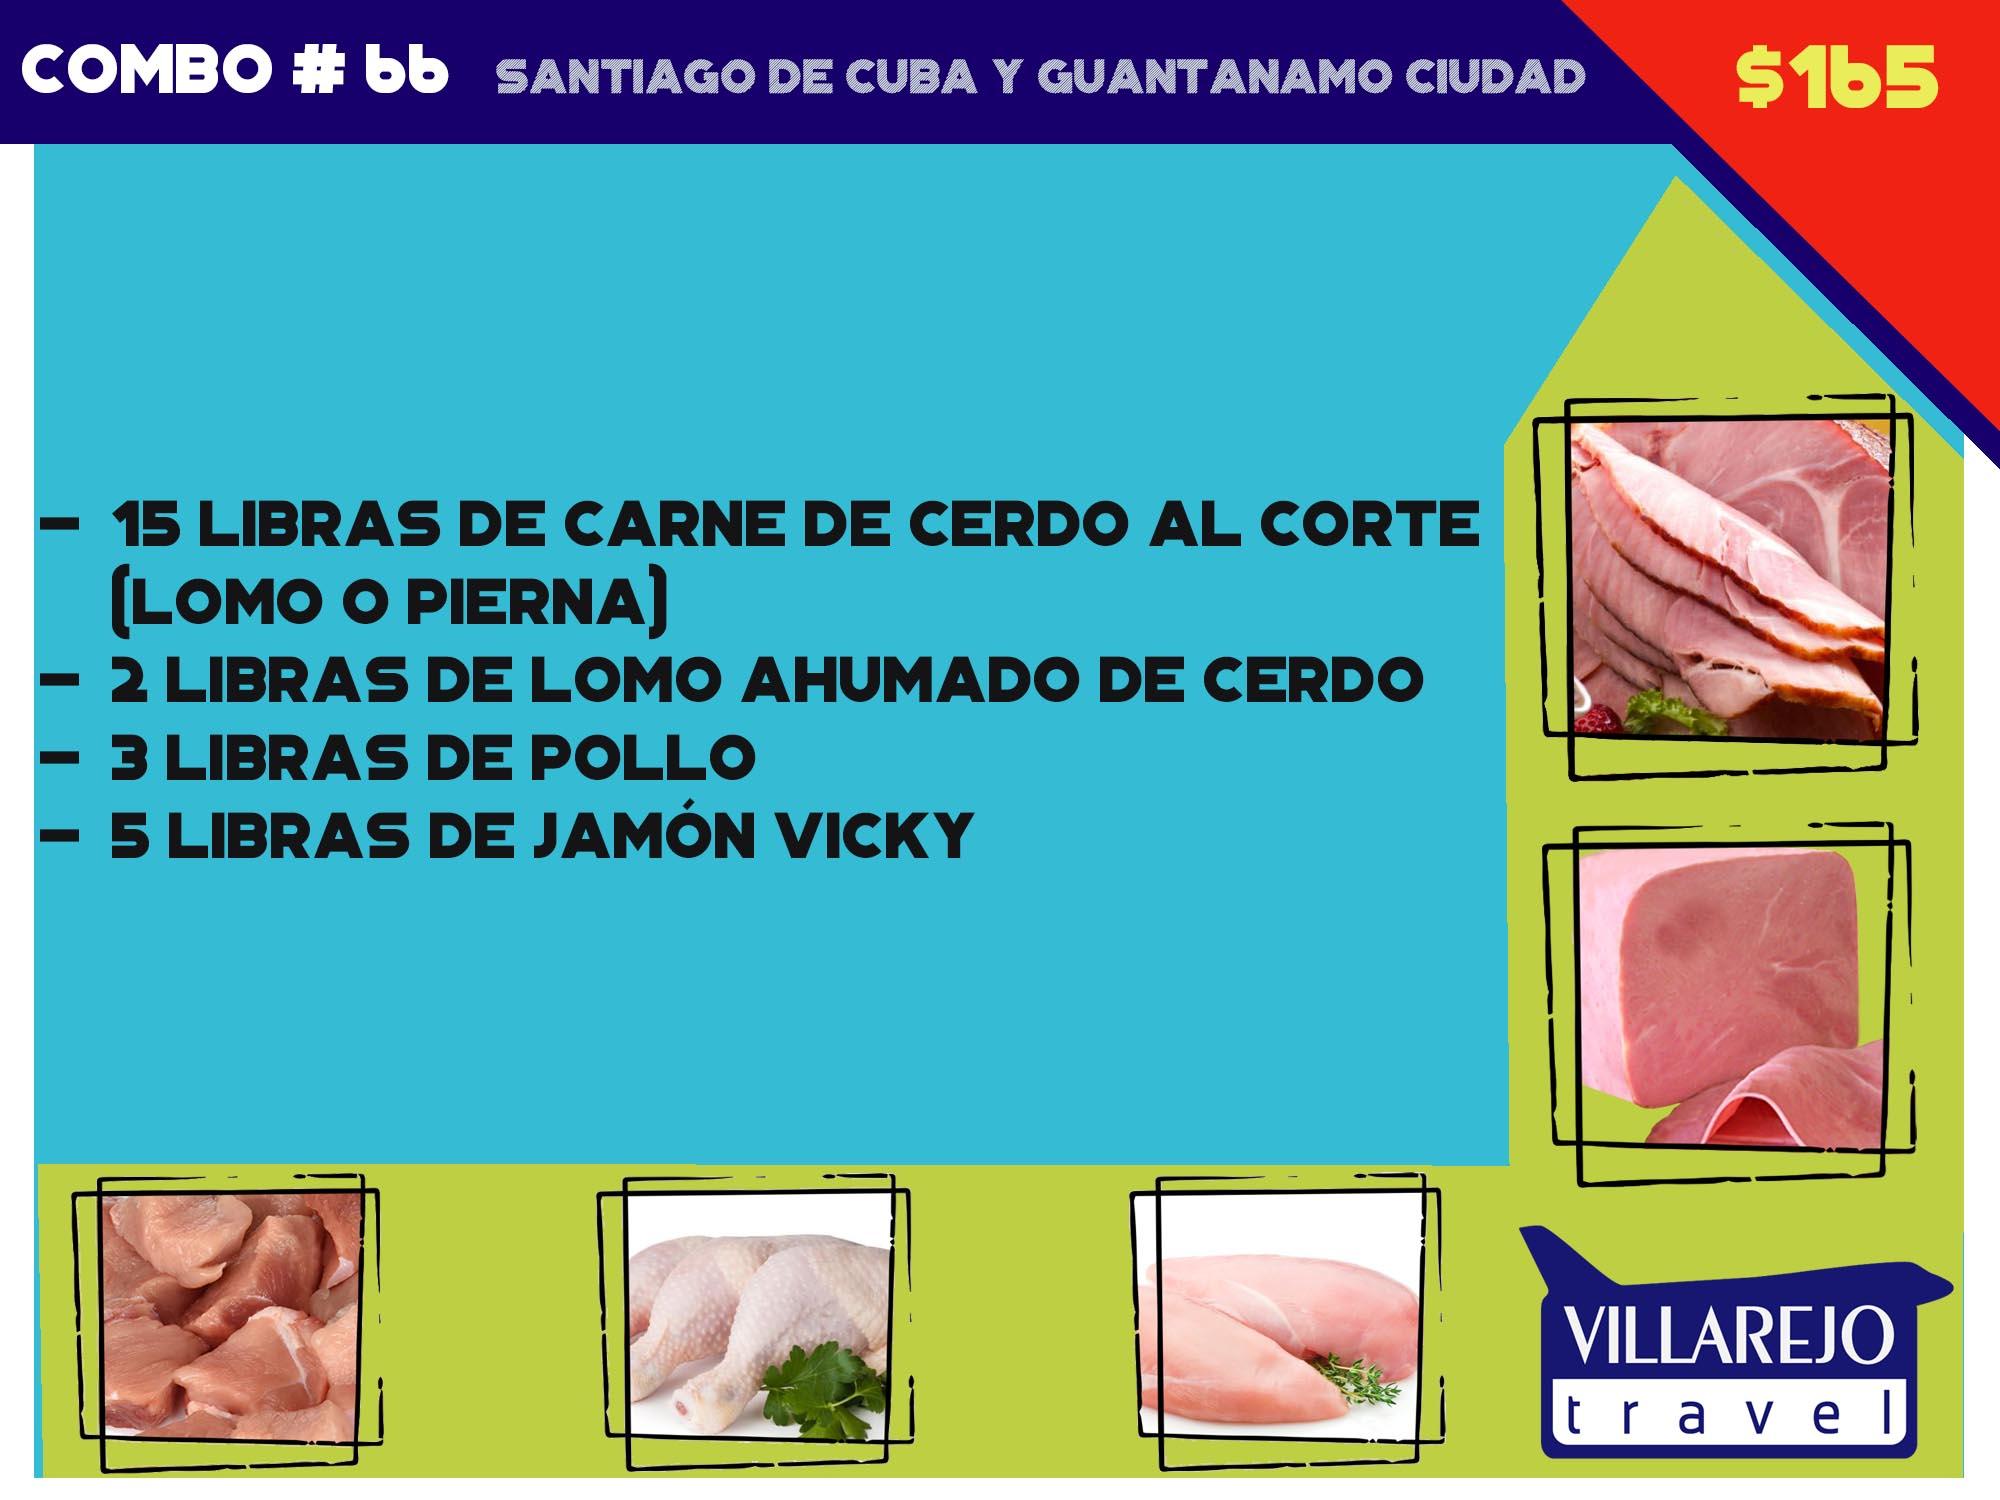 COMBO # 66  SANTIAGO DE CUBA Y GUANTANAMO CIUDAD